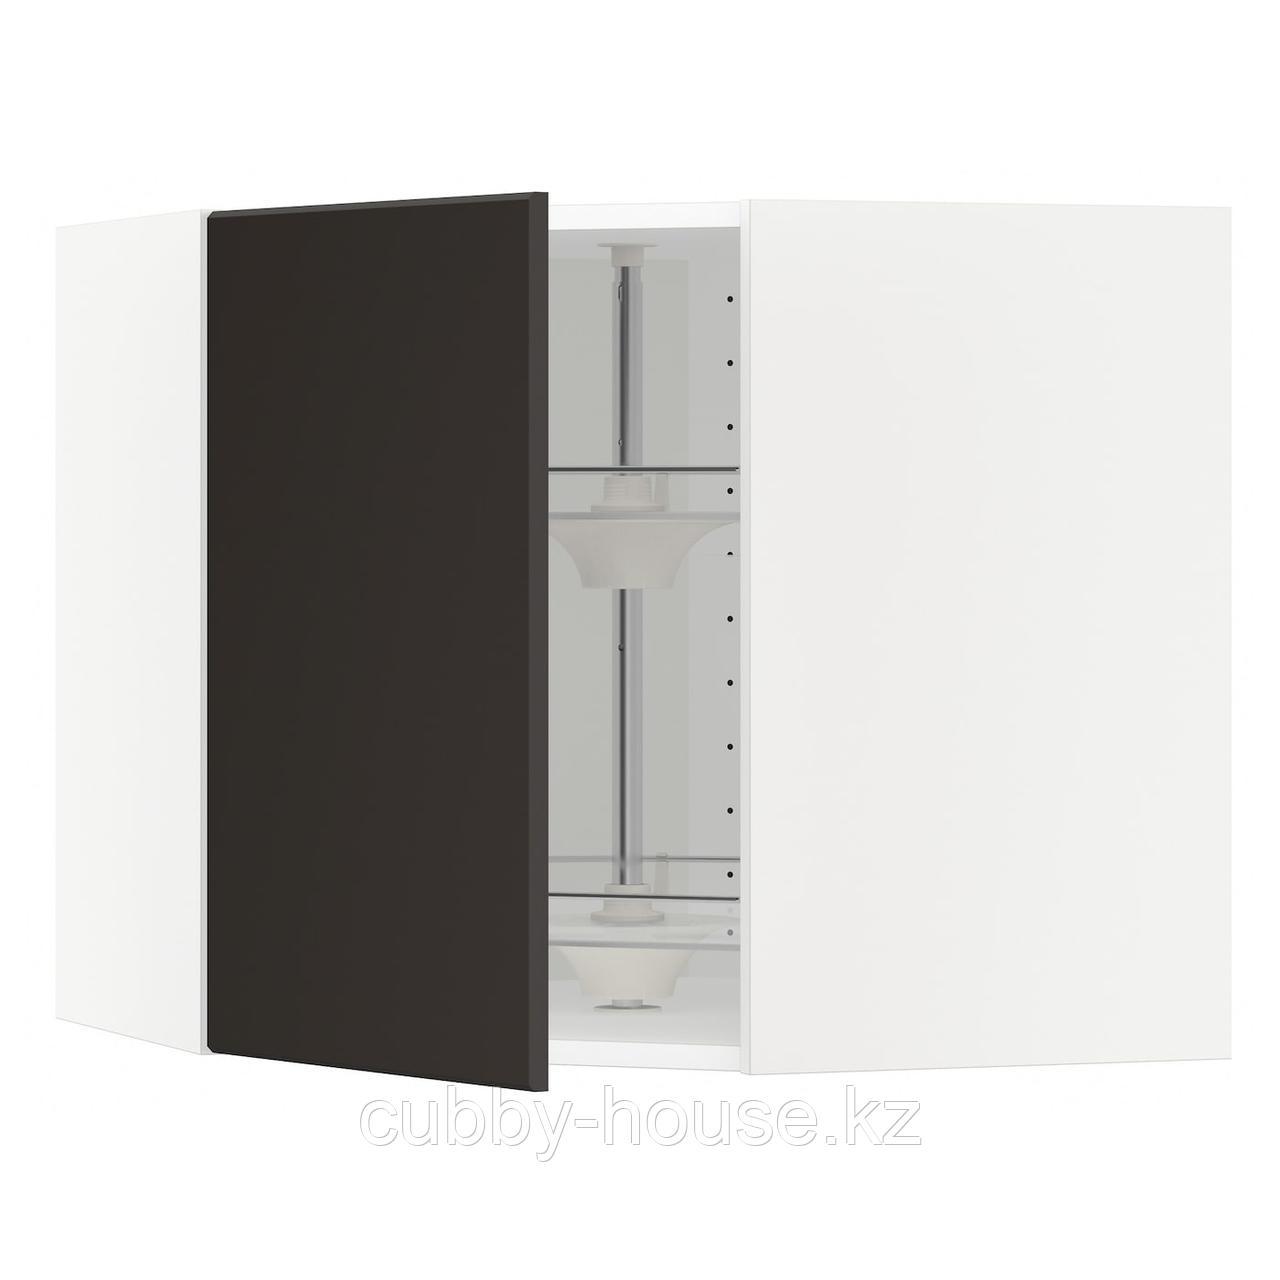 МЕТОД Угл нвсн шкф с вращающ секц, черный, Кунгсбакка антрацит, 68x60 см